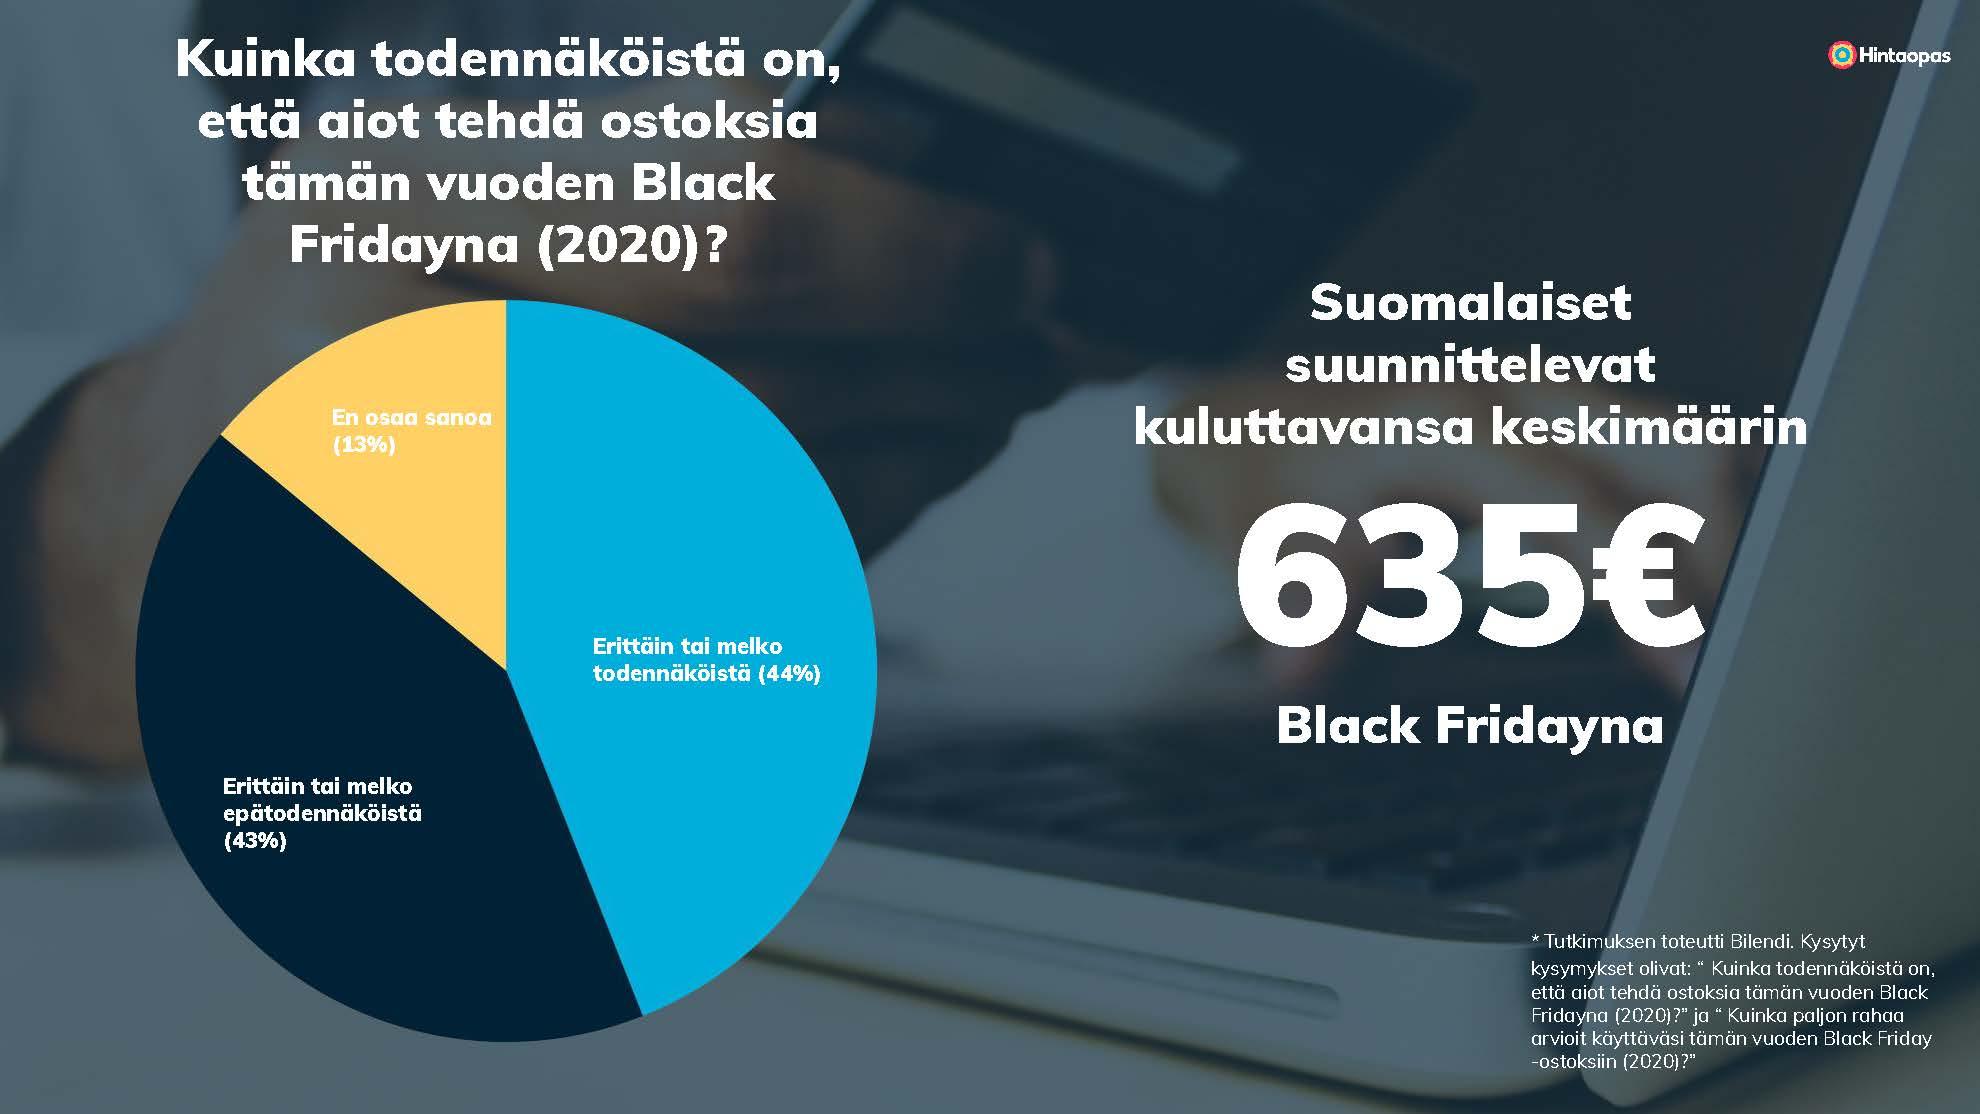 Suomalaisten ostosuunnitelmat Black Friday 2020 aikana